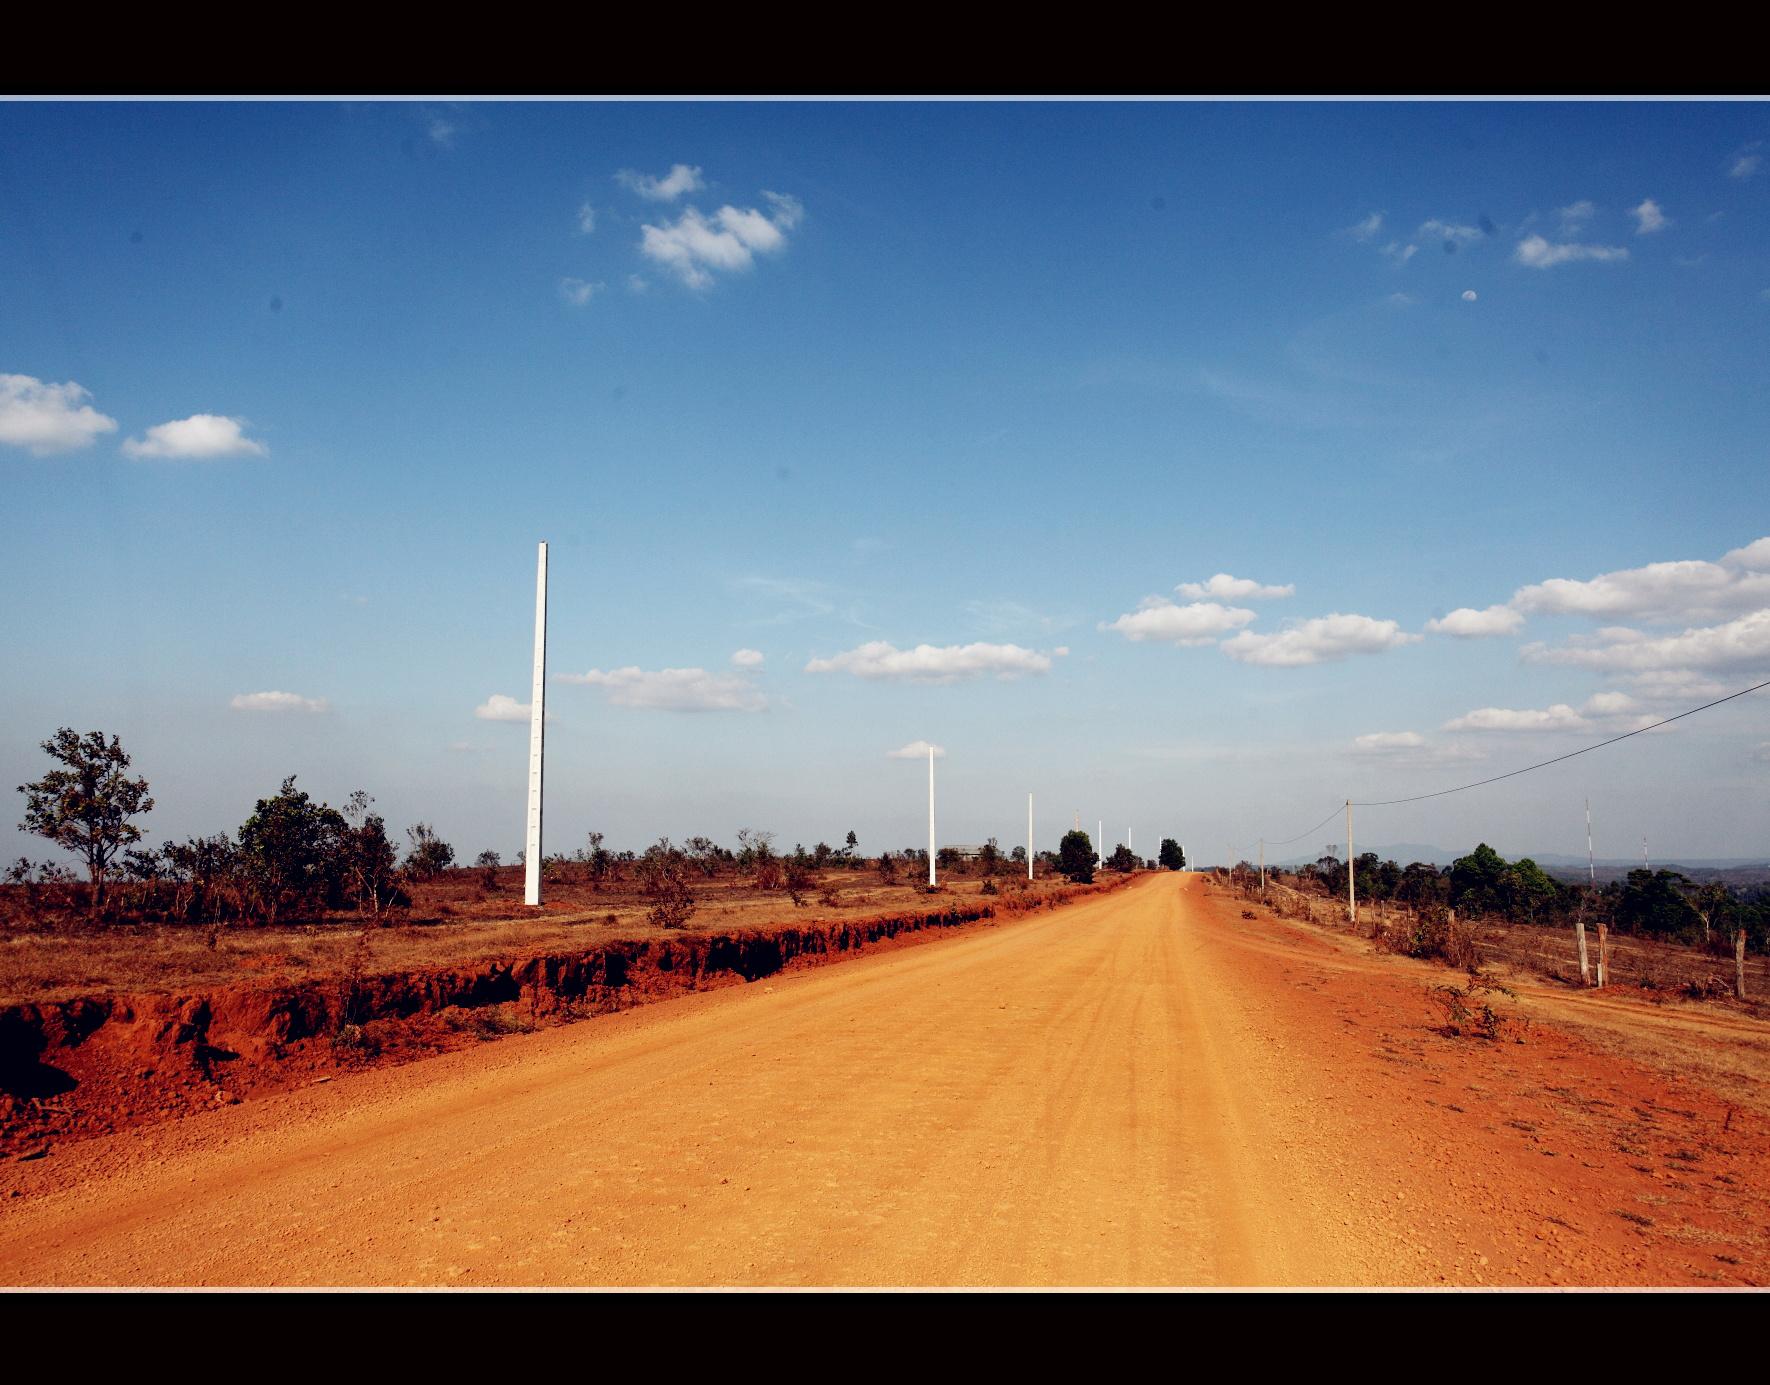 进入乡村之中,崭新的柏油路变为了黄土大道